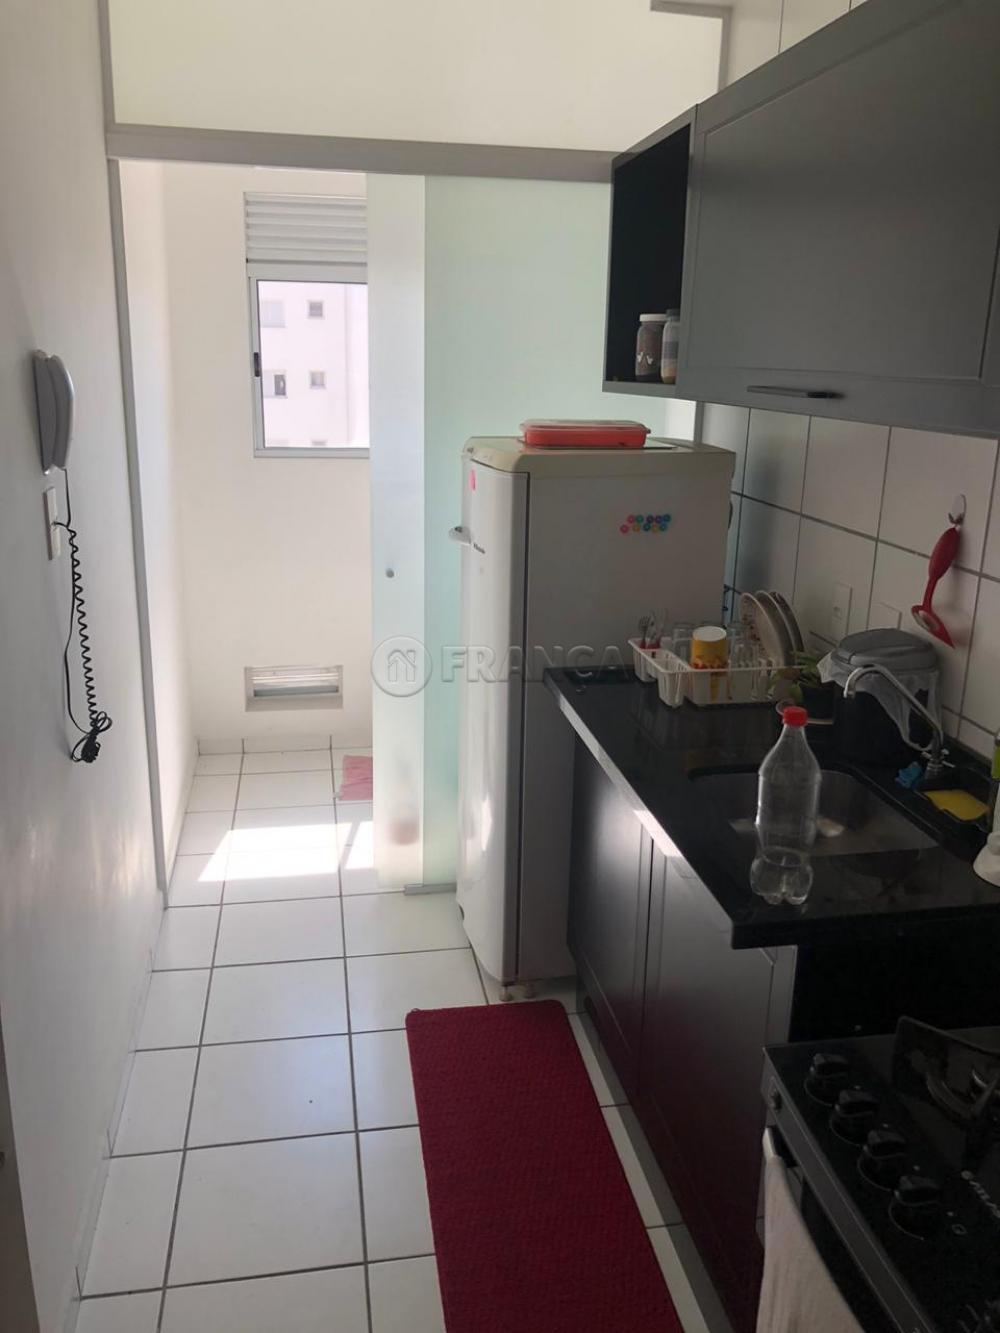 Alugar Apartamento / Padrão em Jacareí apenas R$ 1.650,00 - Foto 3